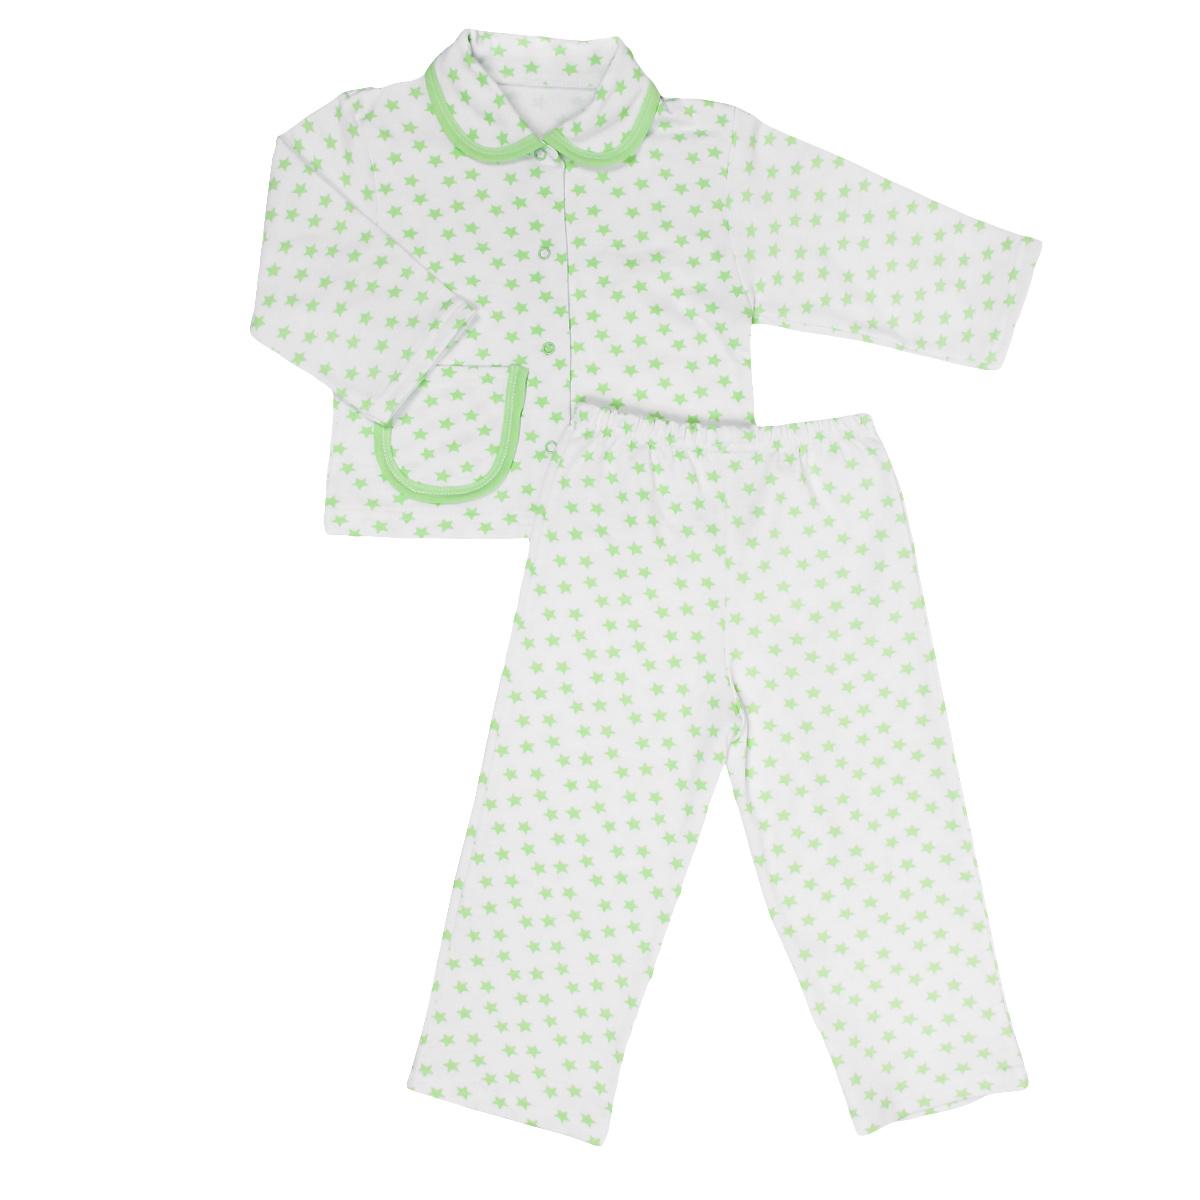 Пижама детская Трон-плюс, цвет: белый, салатовый, рисунок звезды. 5552. Размер 80/86, 1-2 года5552Яркая детская пижама Трон-плюс, состоящая из кофточки и штанишек, идеально подойдет вашему малышу и станет отличным дополнением к детскому гардеробу. Теплая пижама, изготовленная из набивного футера - натурального хлопка, необычайно мягкая и легкая, не сковывает движения ребенка, позволяет коже дышать и не раздражает даже самую нежную и чувствительную кожу малыша. Кофта с длинными рукавами имеет отложной воротничок и застегивается на кнопки, также оформлена небольшим накладным карманчиком. Штанишки на удобной резинке не сдавливают животик ребенка и не сползают.В такой пижаме ваш ребенок будет чувствовать себя комфортно и уютно во время сна.